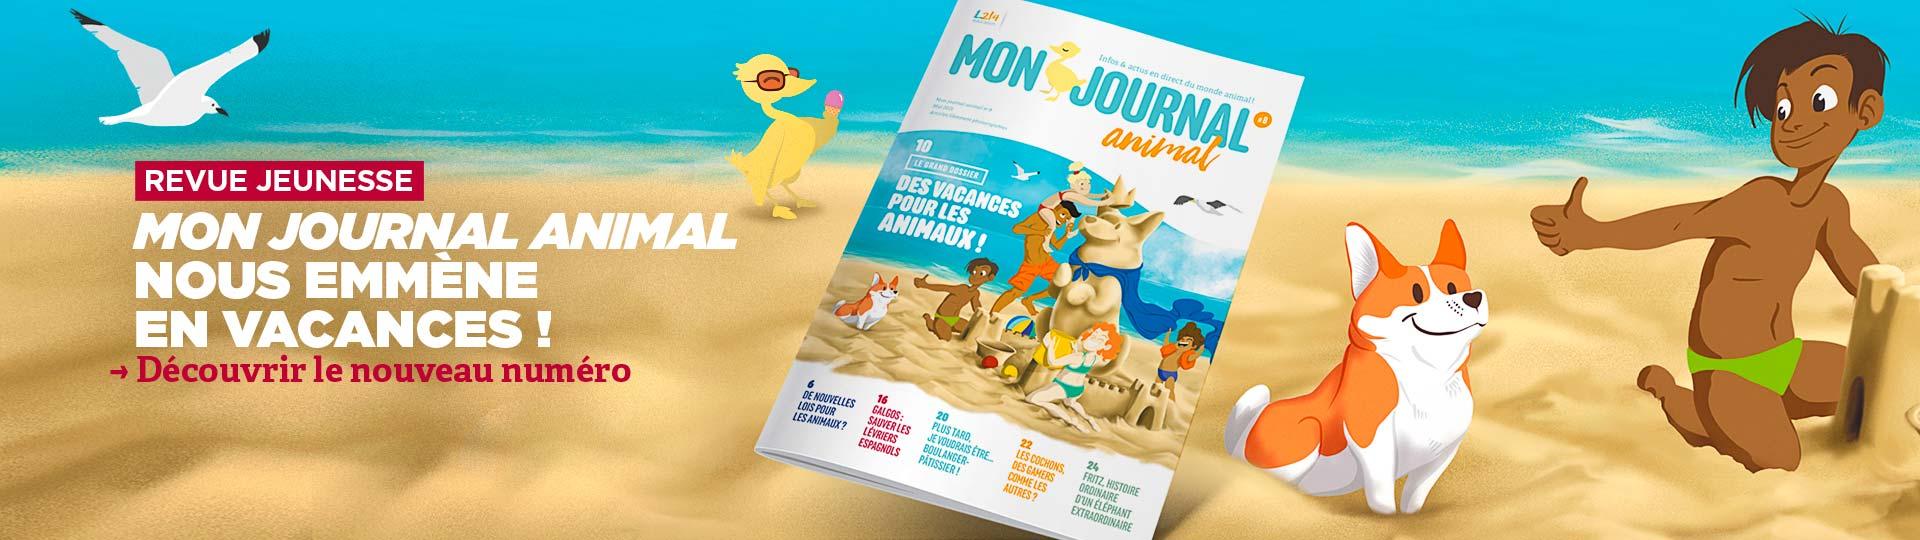 Mon journal animal #8 nous emmène en vacances !